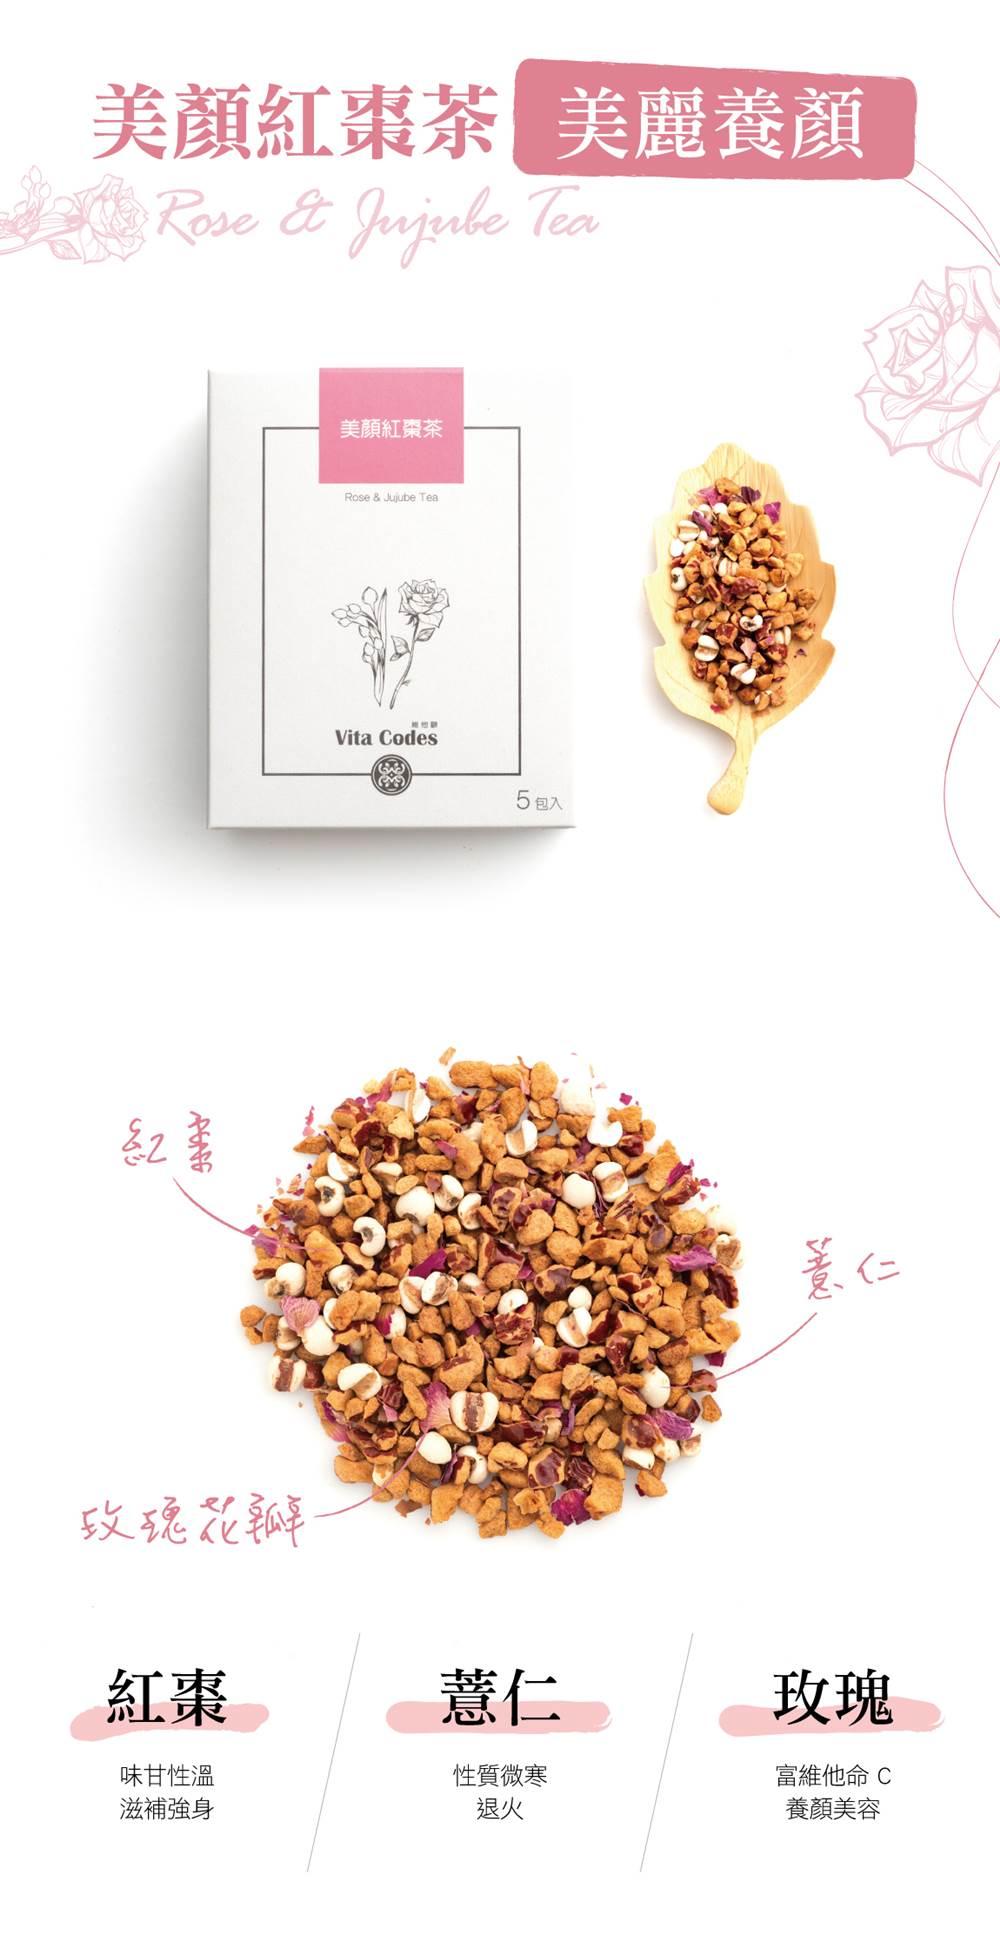 VitaCodes美顏茶-產品介紹06-美言紅棗茶-美麗養顏